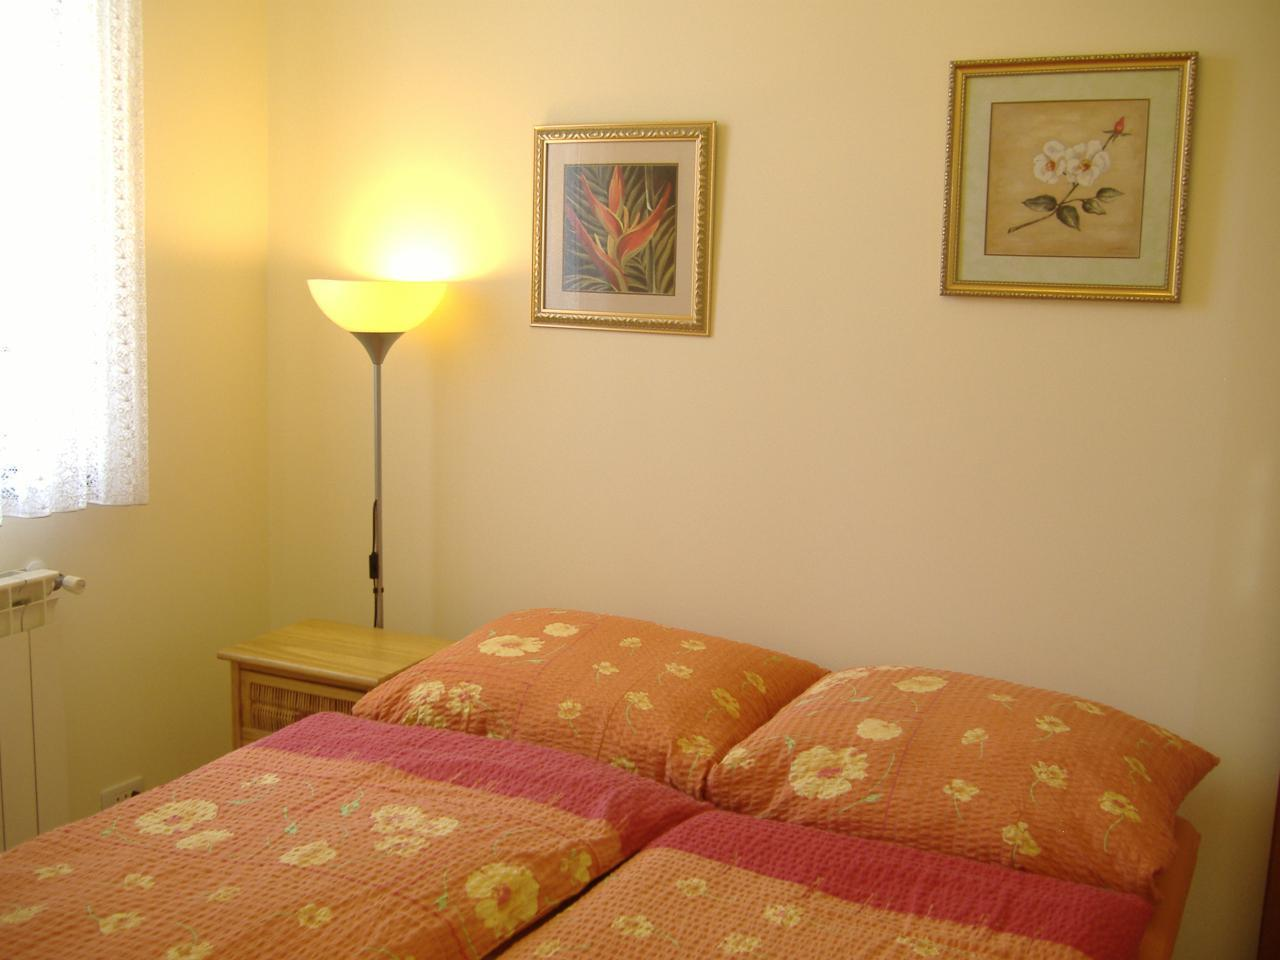 Appartement de vacances Casa Amalia - Ferienwohnung mit Meerblick -  große Terrasse, großer Garten, kostenloses WL (94824), Sampieri, Ragusa, Sicile, Italie, image 9